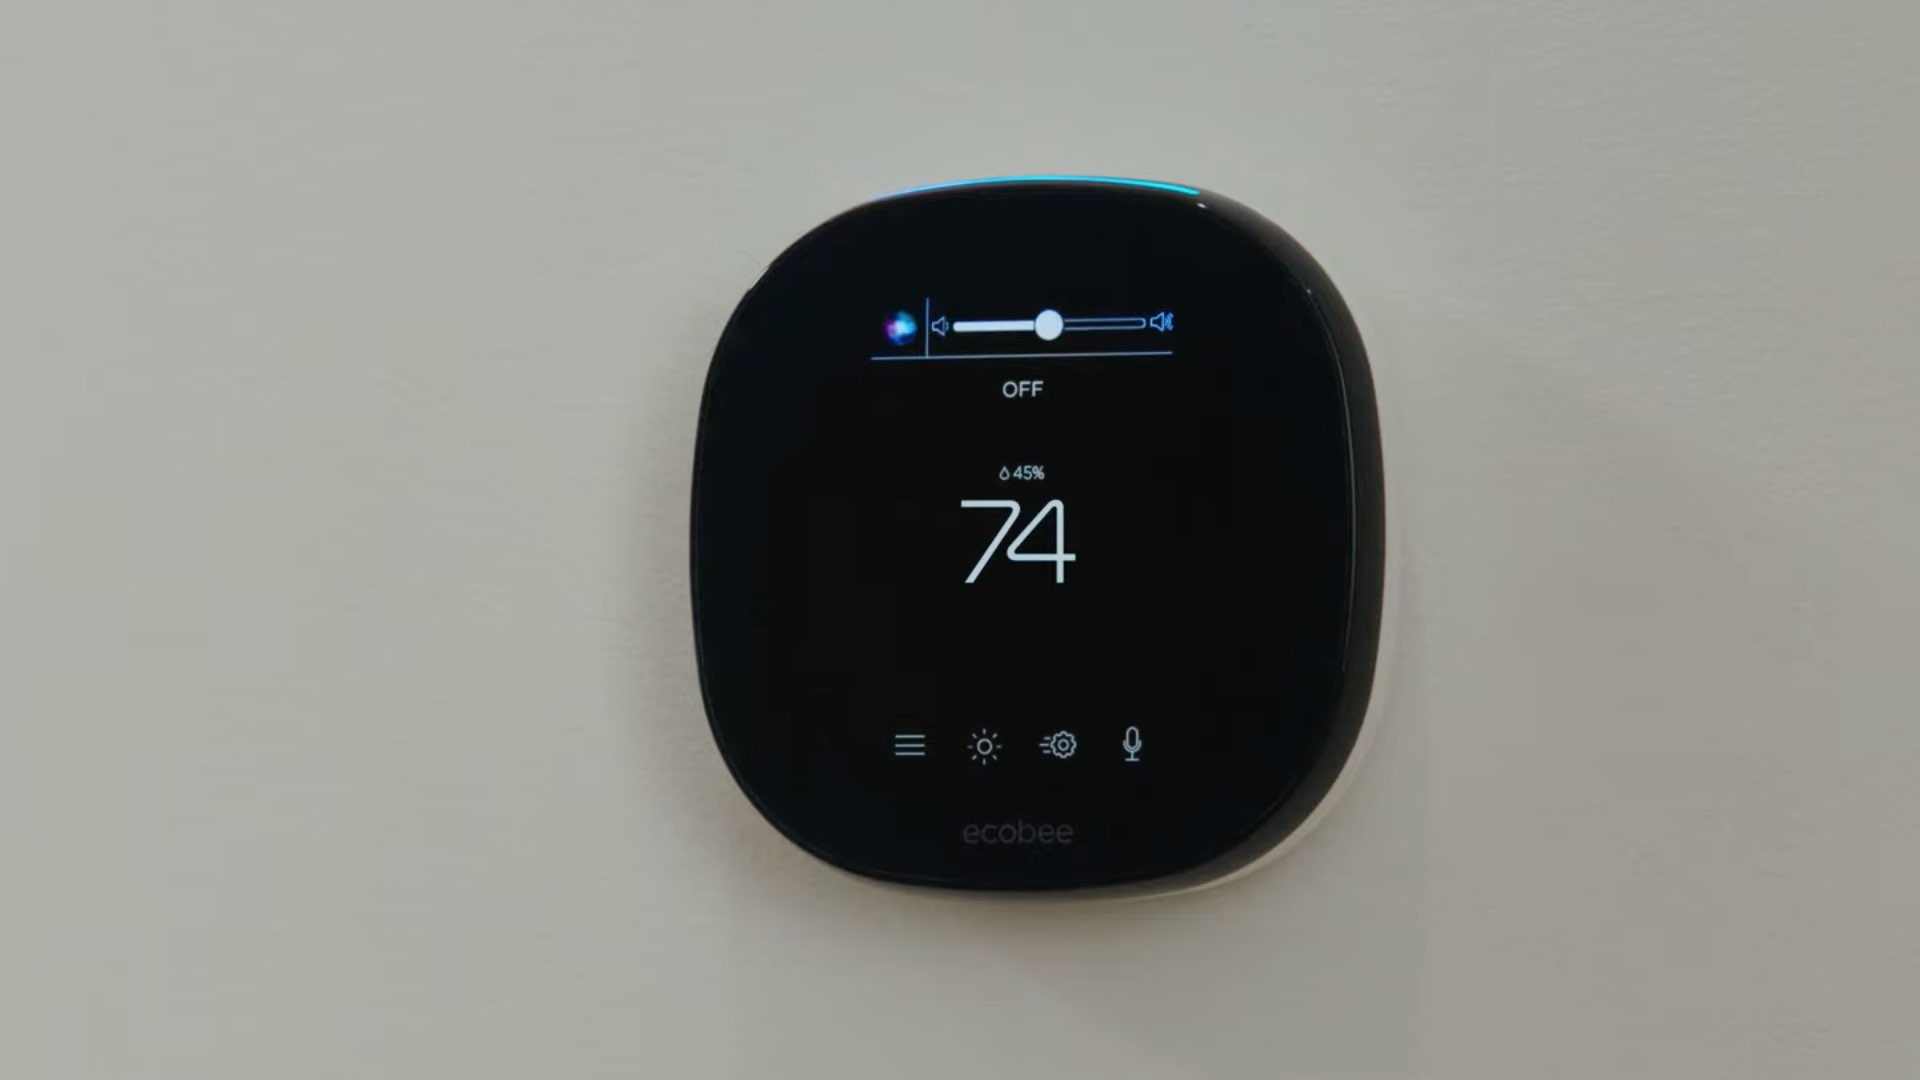 Une image montrant le thermostat Ecobee Smart avec l'orbe Hey Siri affiché sur son écran